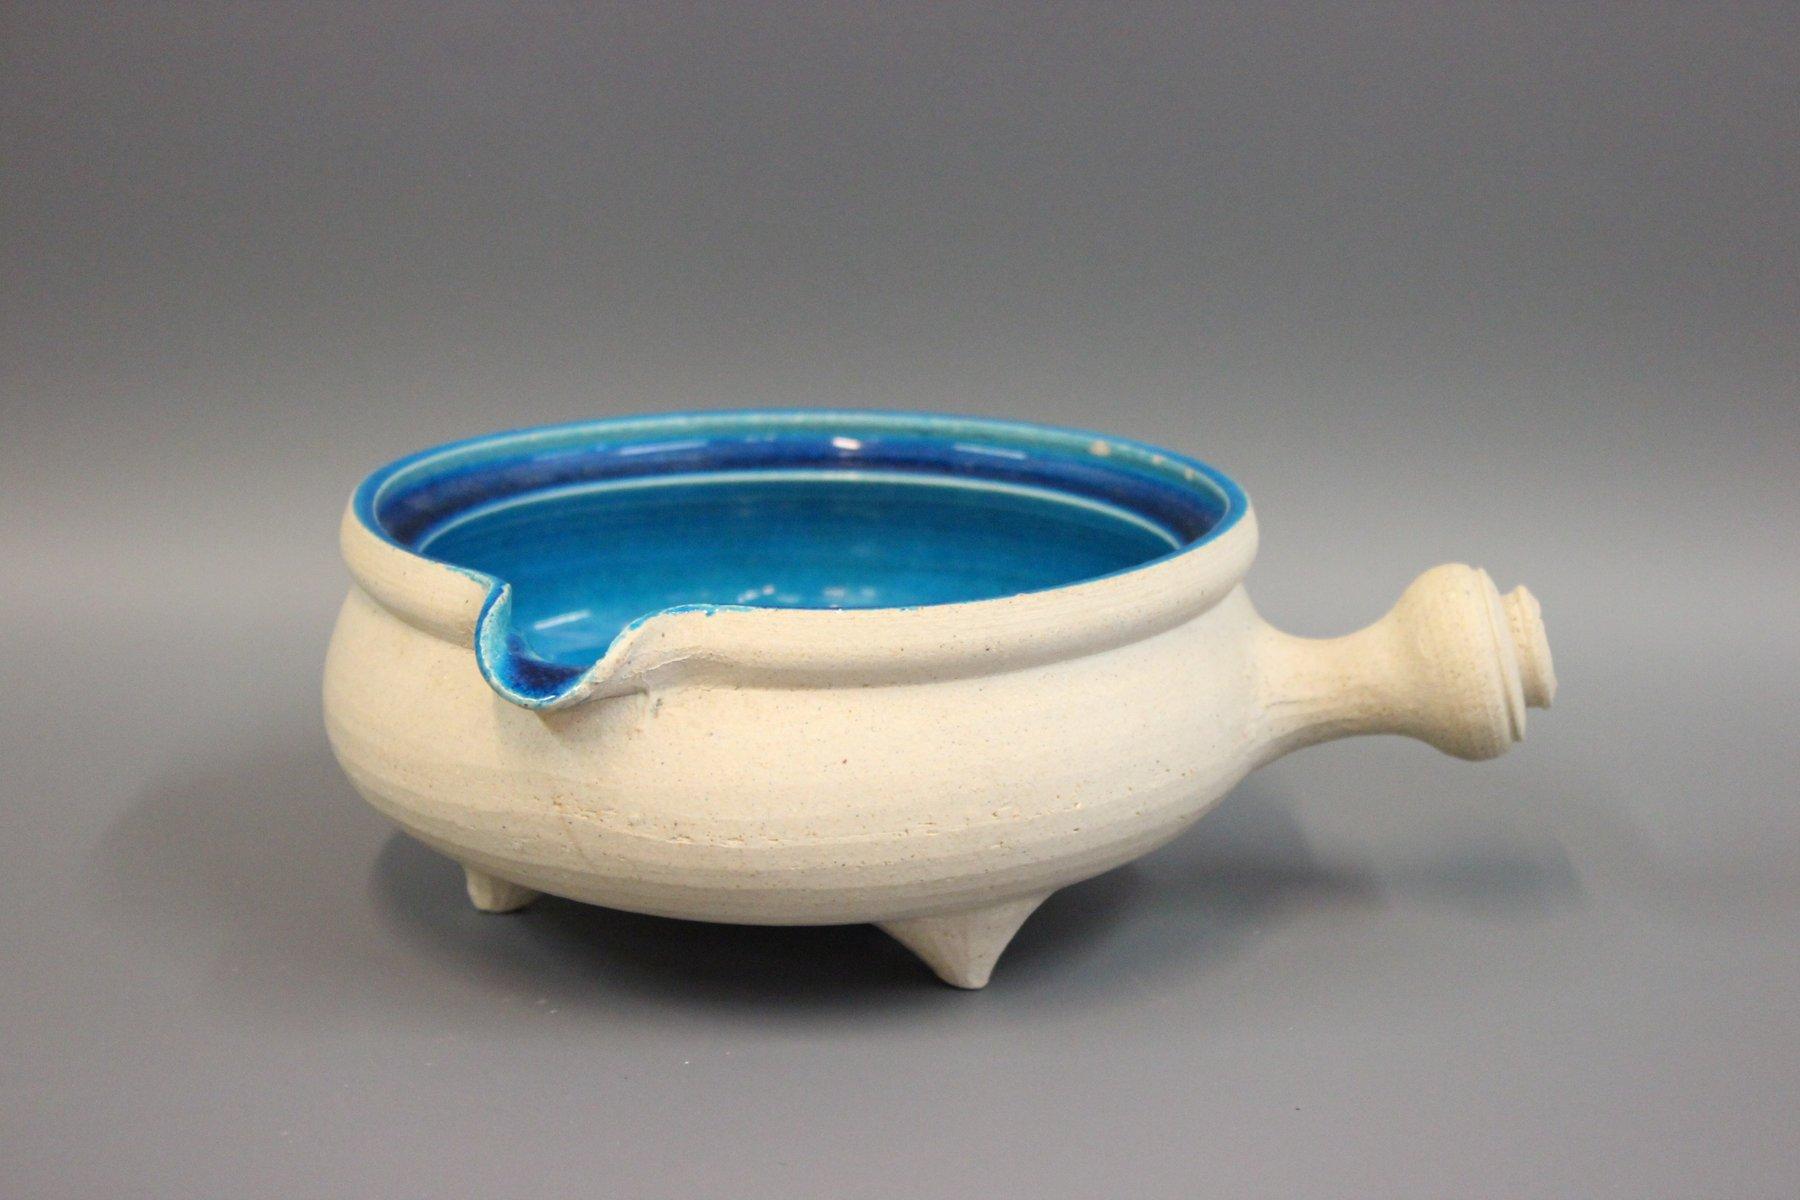 blau glasierte sch ssel aus keramik von herman k hler bei pamono kaufen. Black Bedroom Furniture Sets. Home Design Ideas